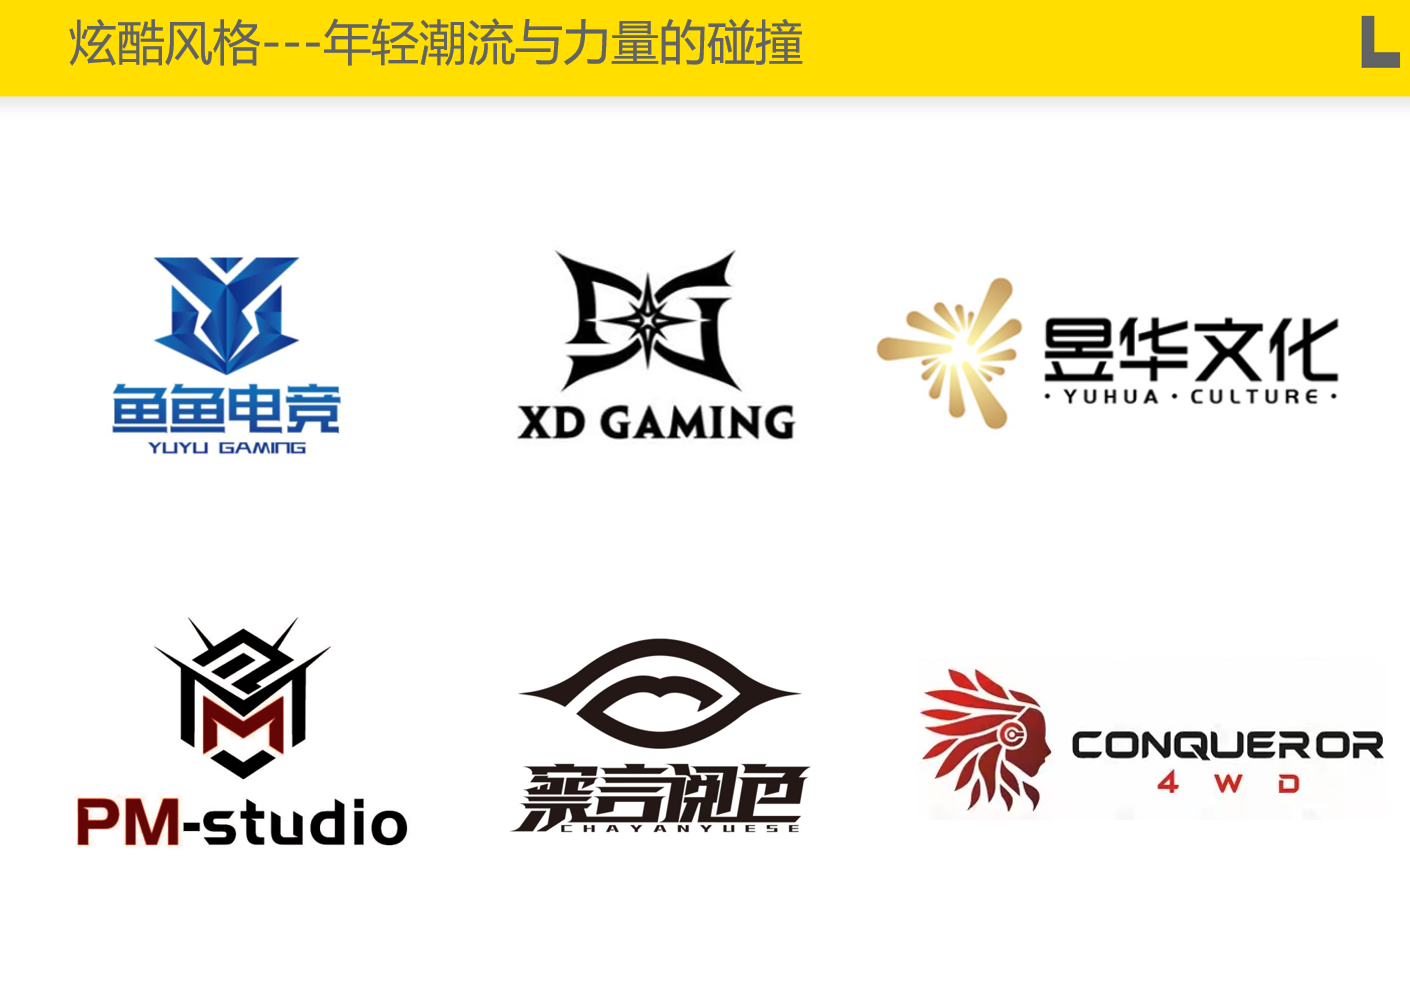 企业公司品牌logo设计图文眼镜标志农业LOGO商标设计